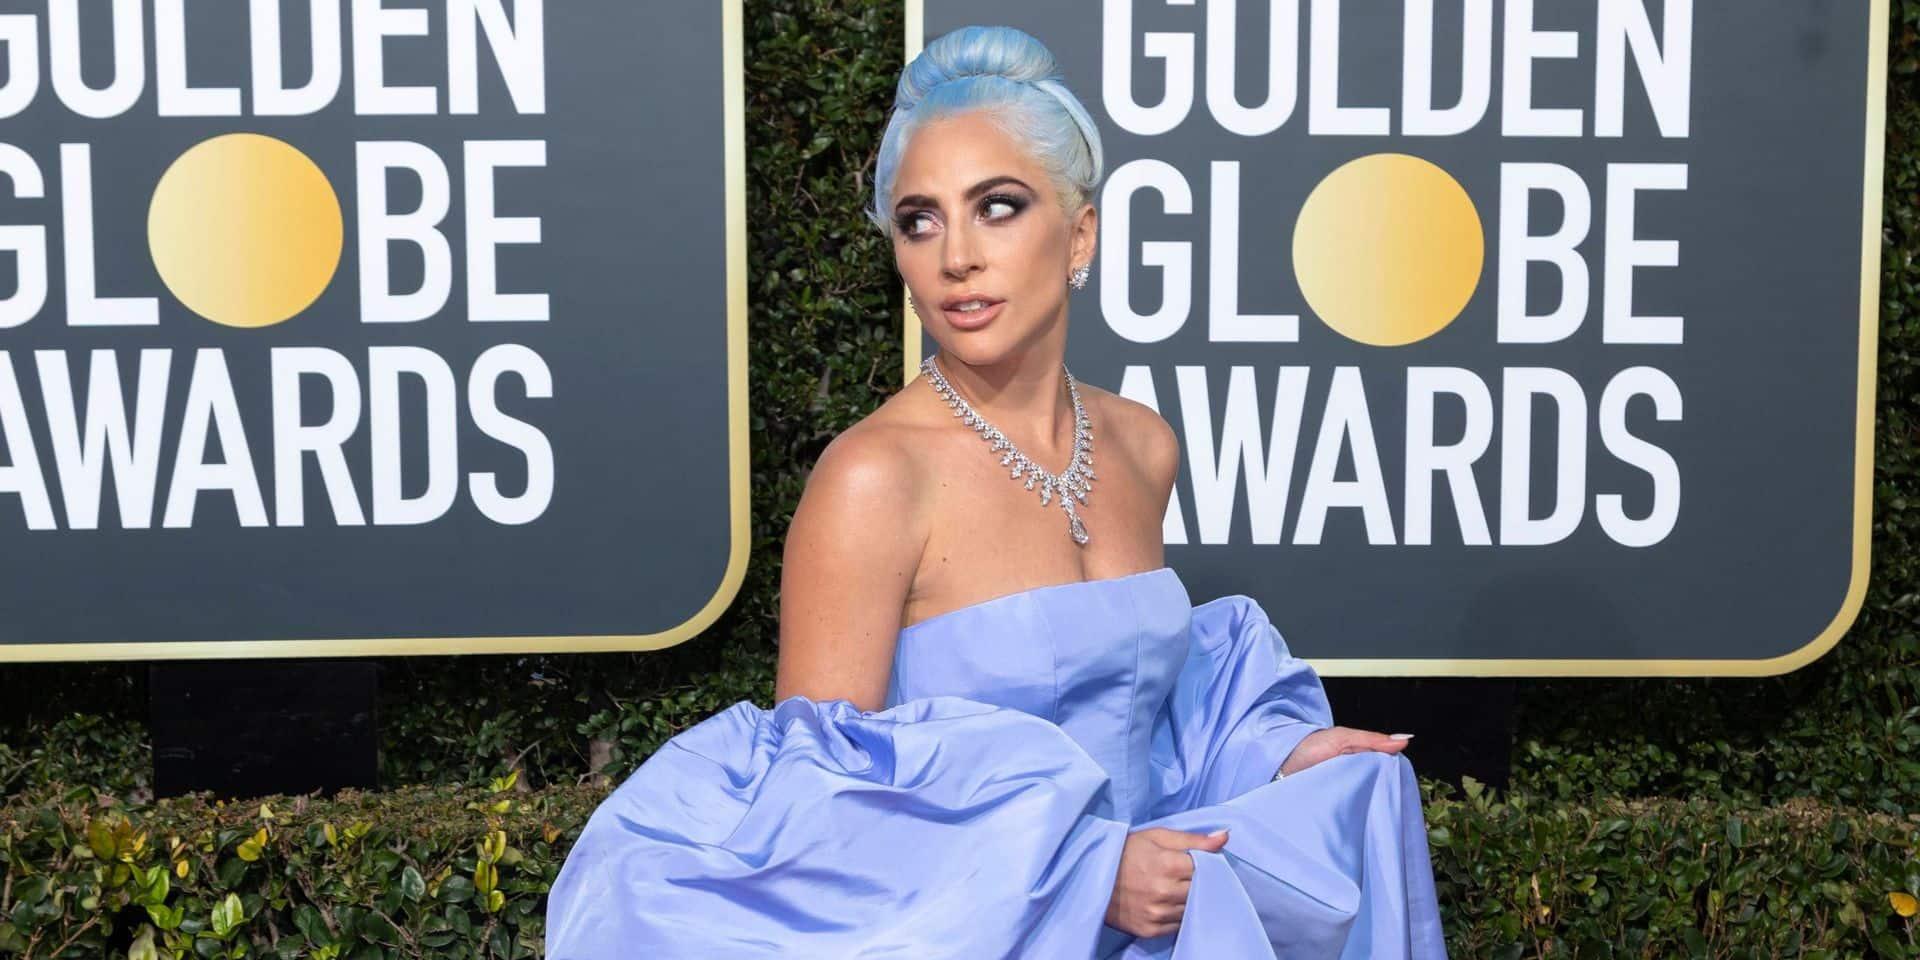 Le rituel particulier de Lady Gaga après ses concerts